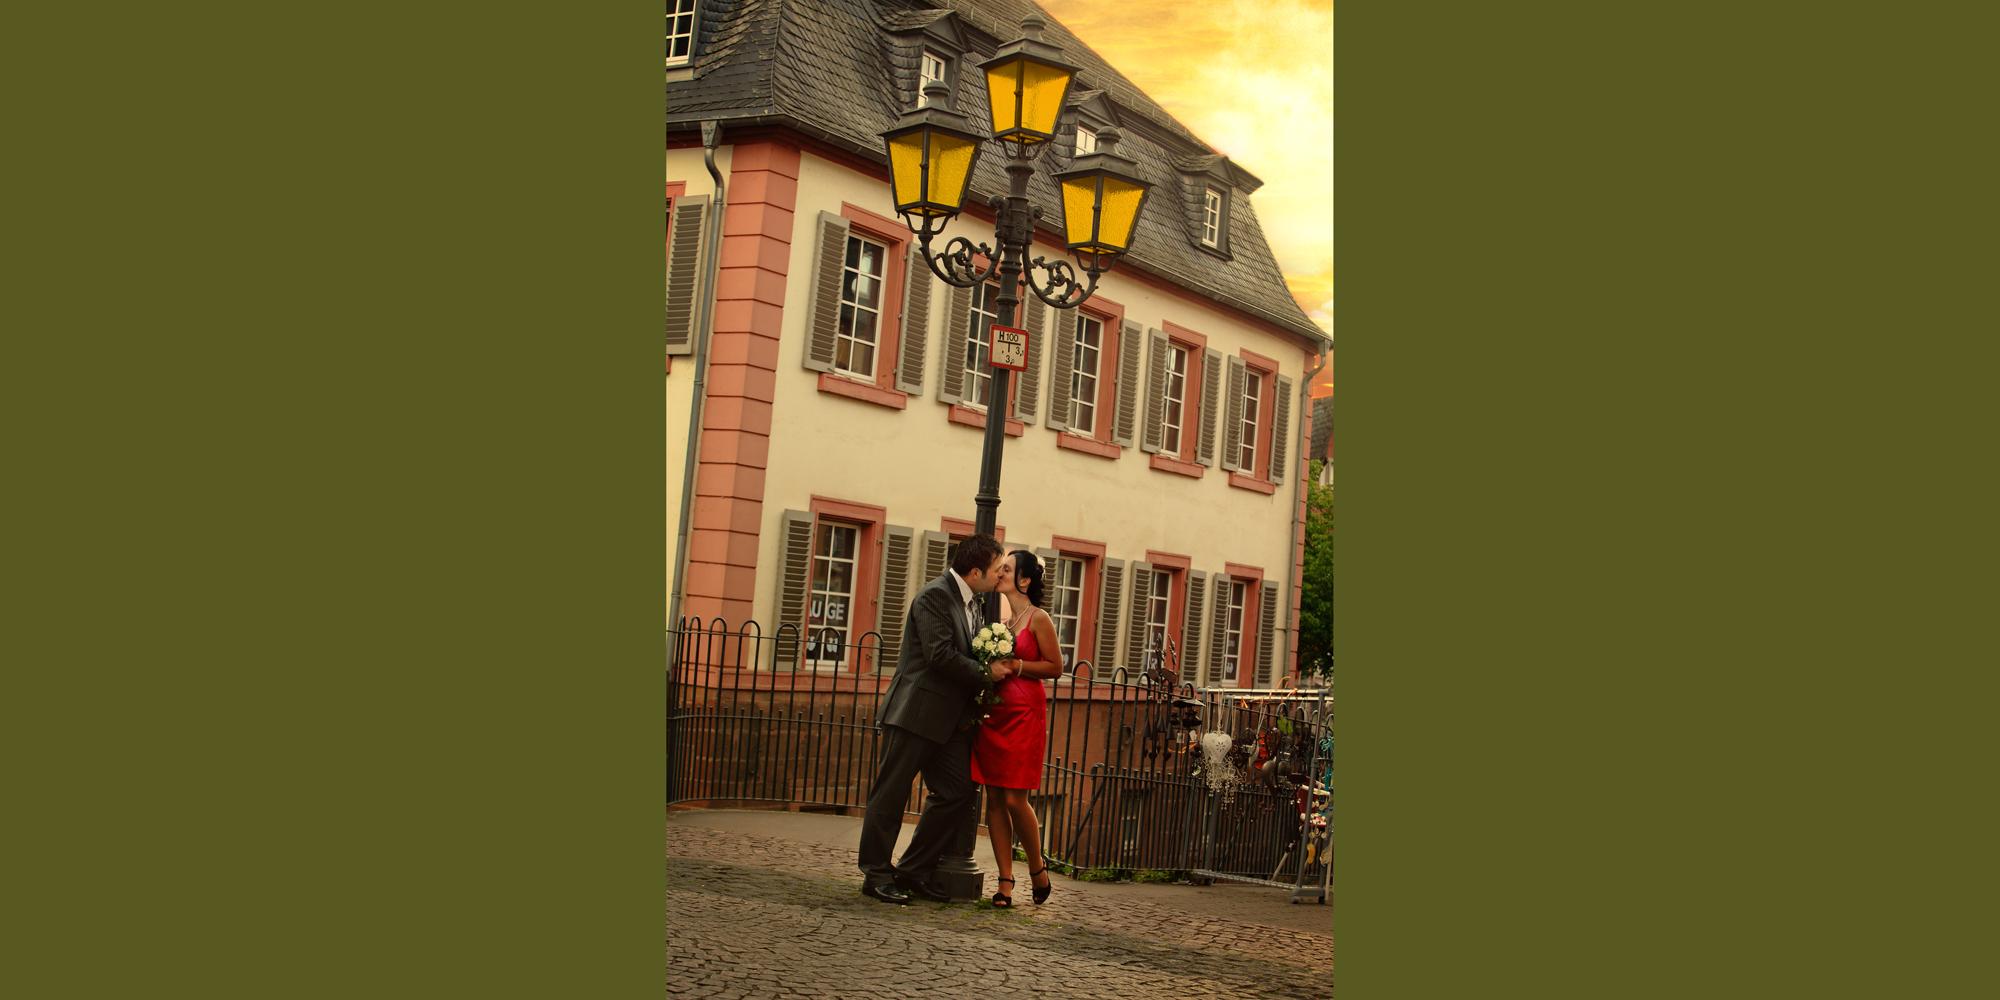 Hochzeitsportrait eines Mannes im dunklen Anzug und einer Frau im roten Kleid (Brautpaar), die sich vor dem Hintergrund einer Laterne und eines Altbaus küssen und einen weißen Brautstrauß zwischen sich festhalten.(Wasserfall Saarburg).